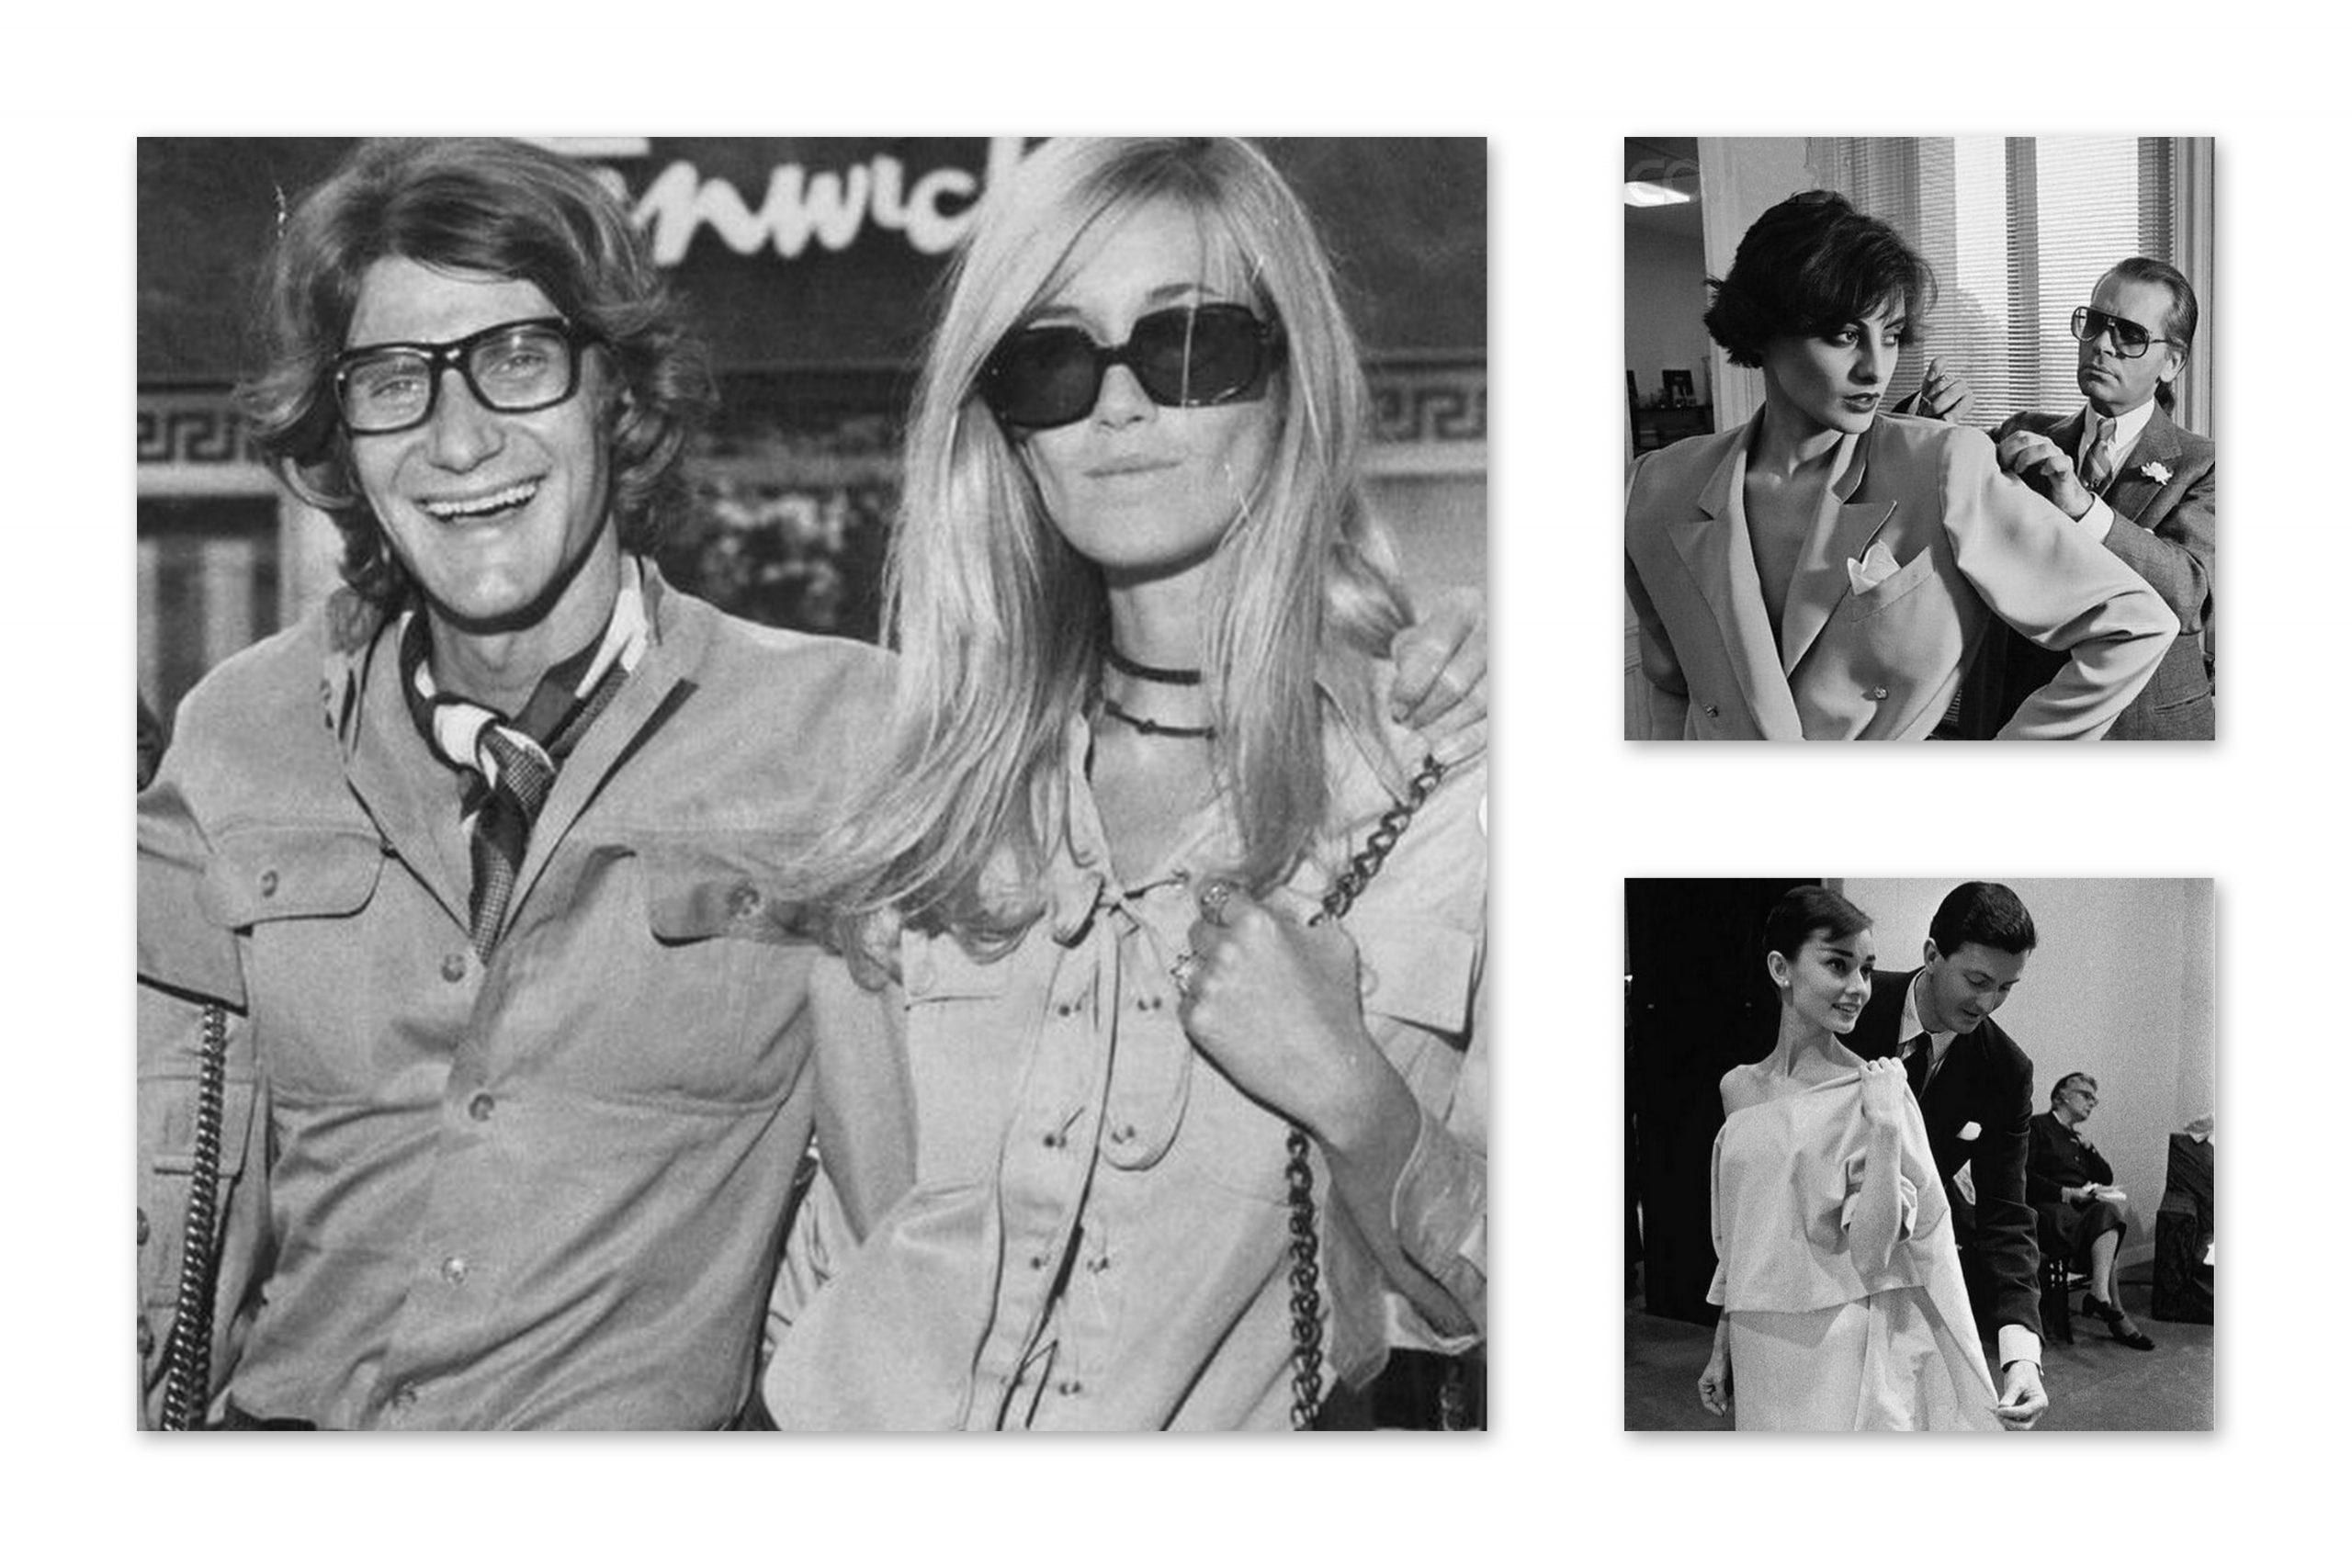 За платоничните любовни връзки в модата – 3 музи на трима велики дизайнери